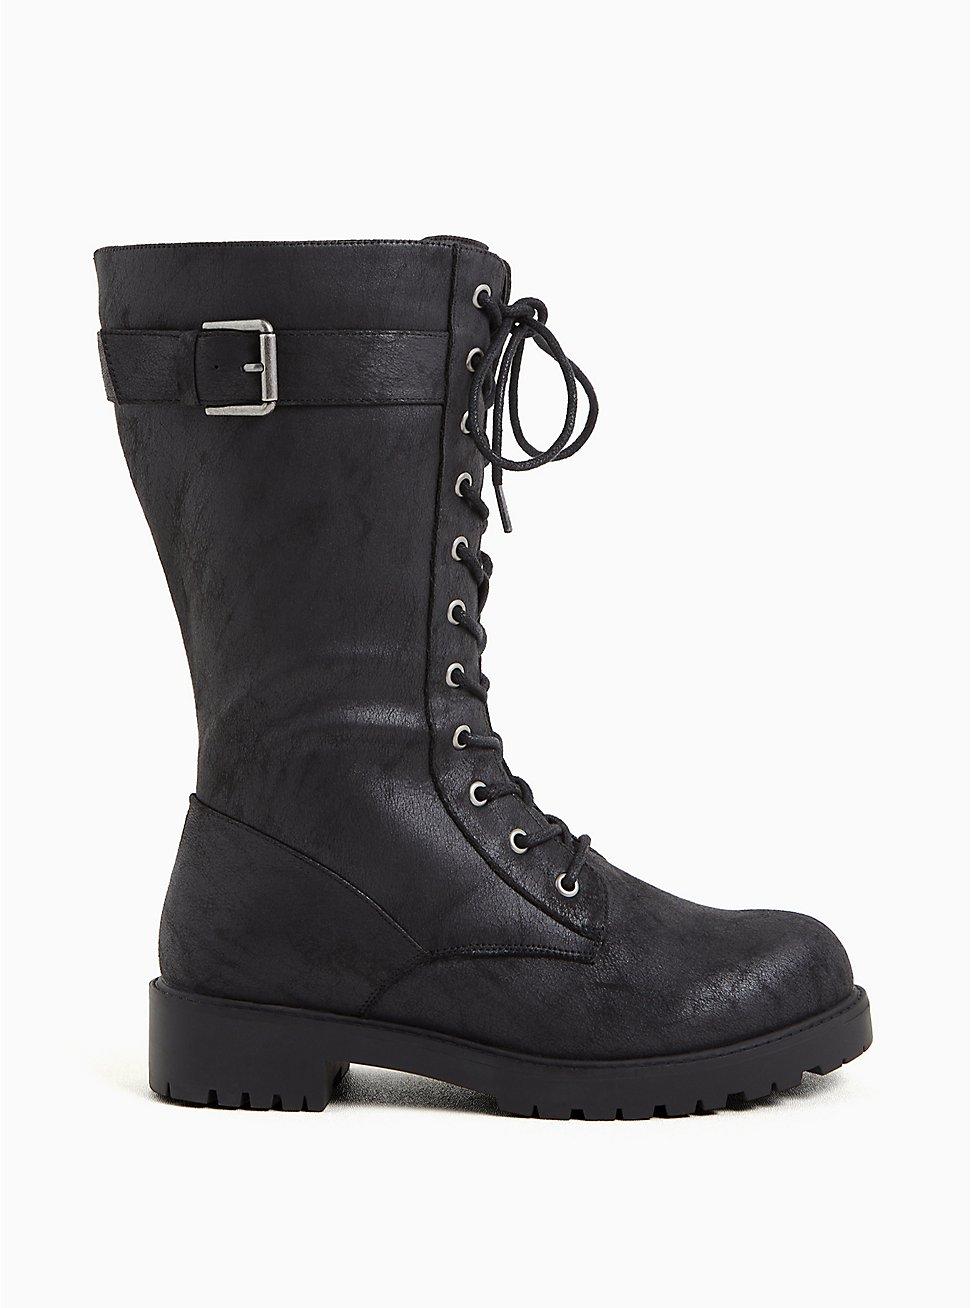 Plus Size Black Oiled Faux Suede Lace-Up Combat Bootie (WW), BLACK, hi-res